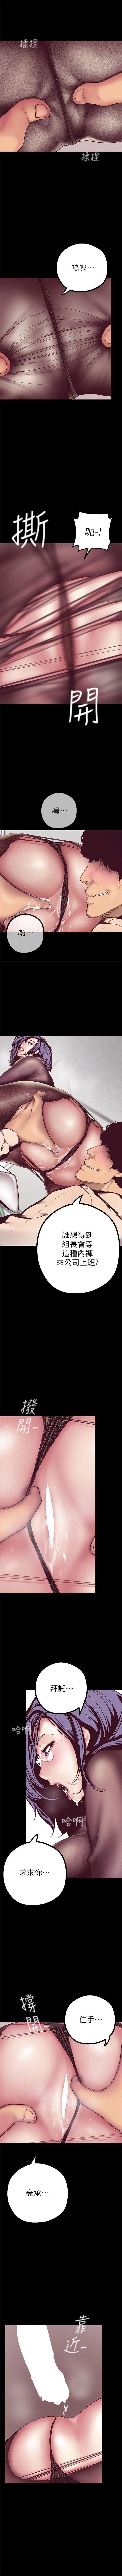 (週1)美麗新世界 1-70 中文翻譯 (更新中) 100